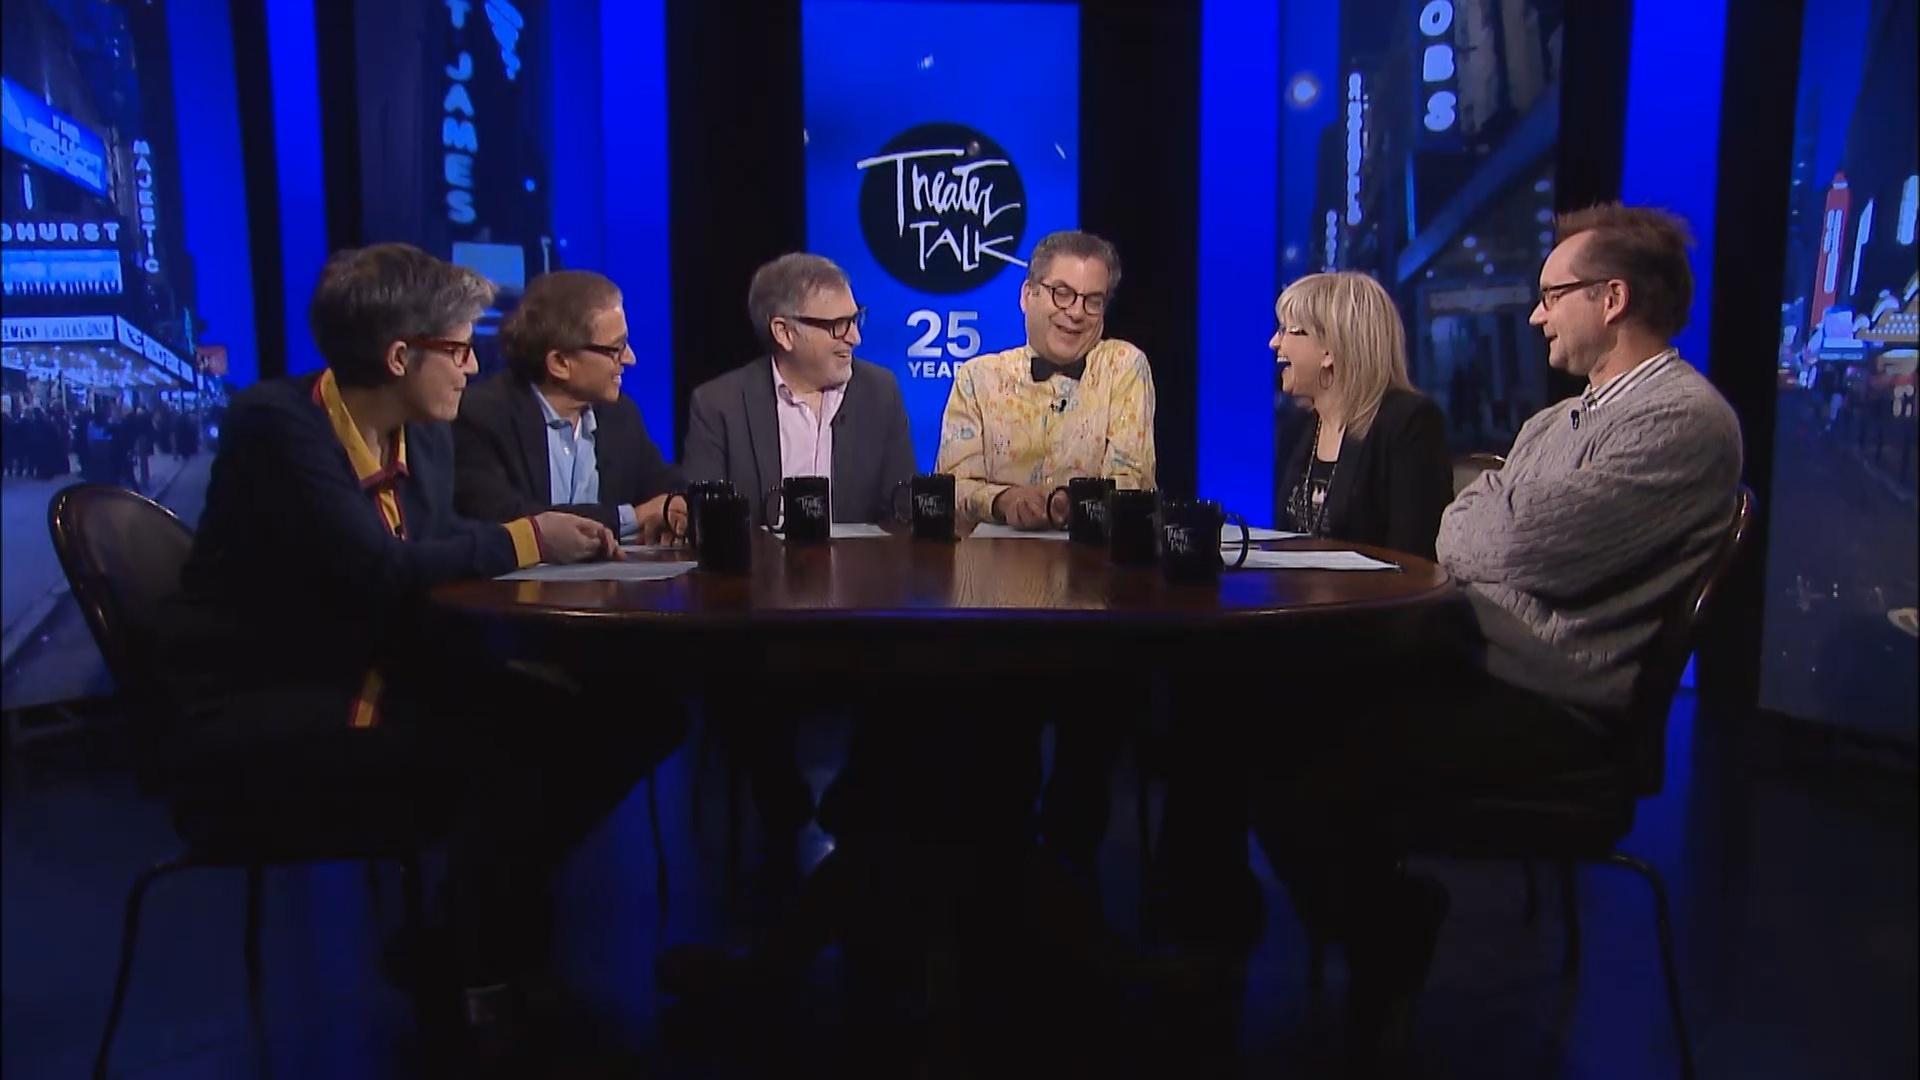 Tony Award Predictions 2017